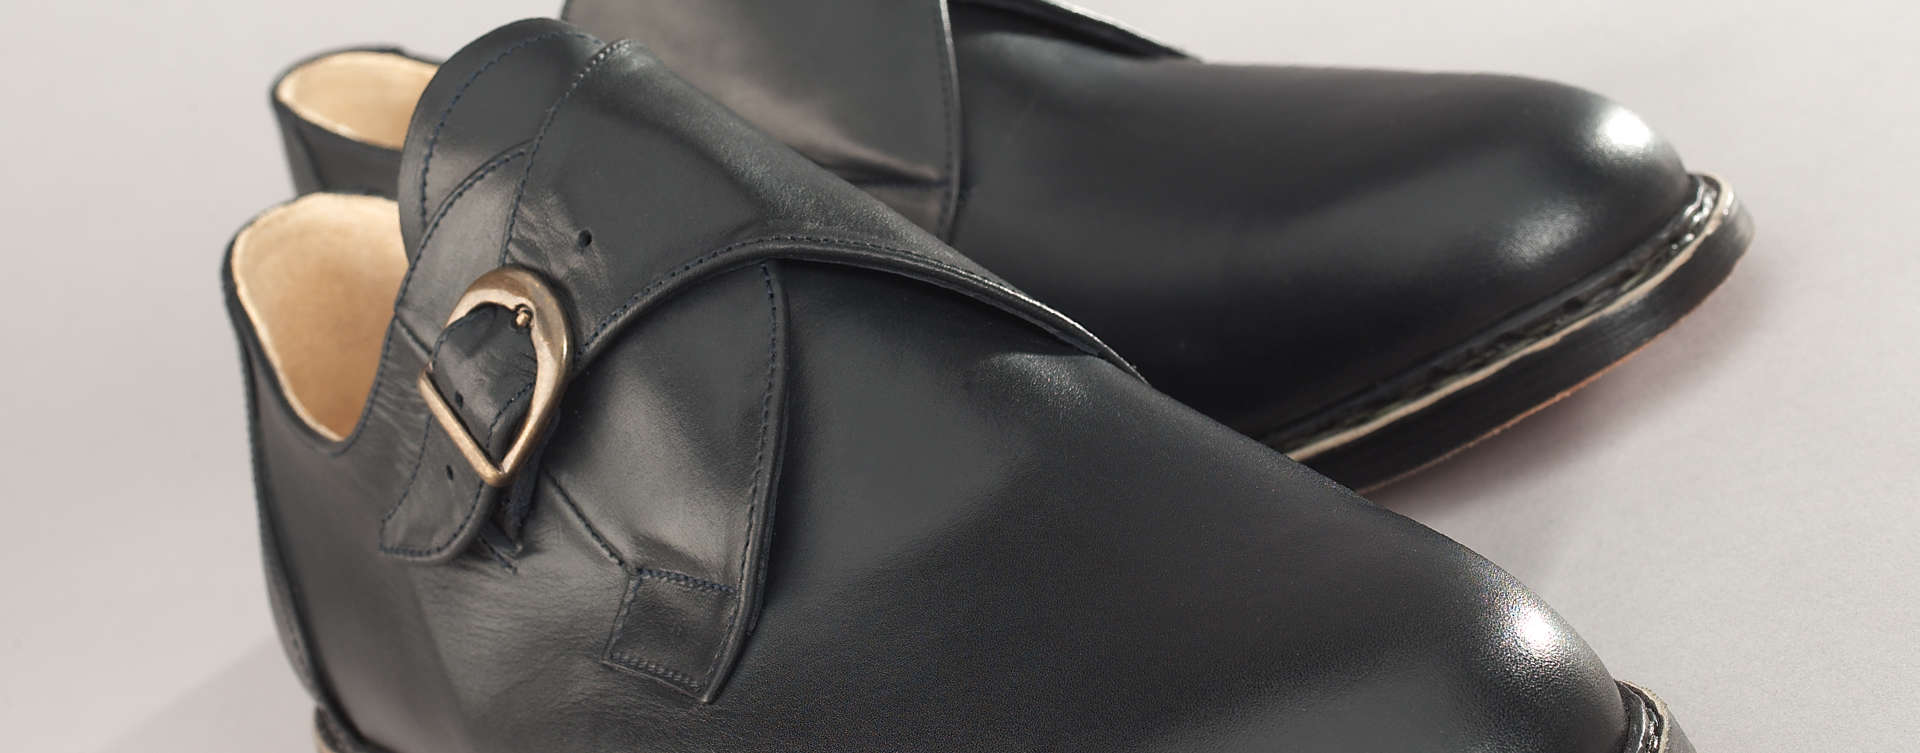 Der Monk erhielt seinen Namen als Reminiszenz an die Schuhe der Mönche früherer Zeiten. Sein Erscheinungsbild ist zugleich klassisch, kann aber je nach Ausführung zwischen elegant und modisch nuancieren. Daher ist er gerade auch für den Geschäftsmann ein idealer Begleiter.